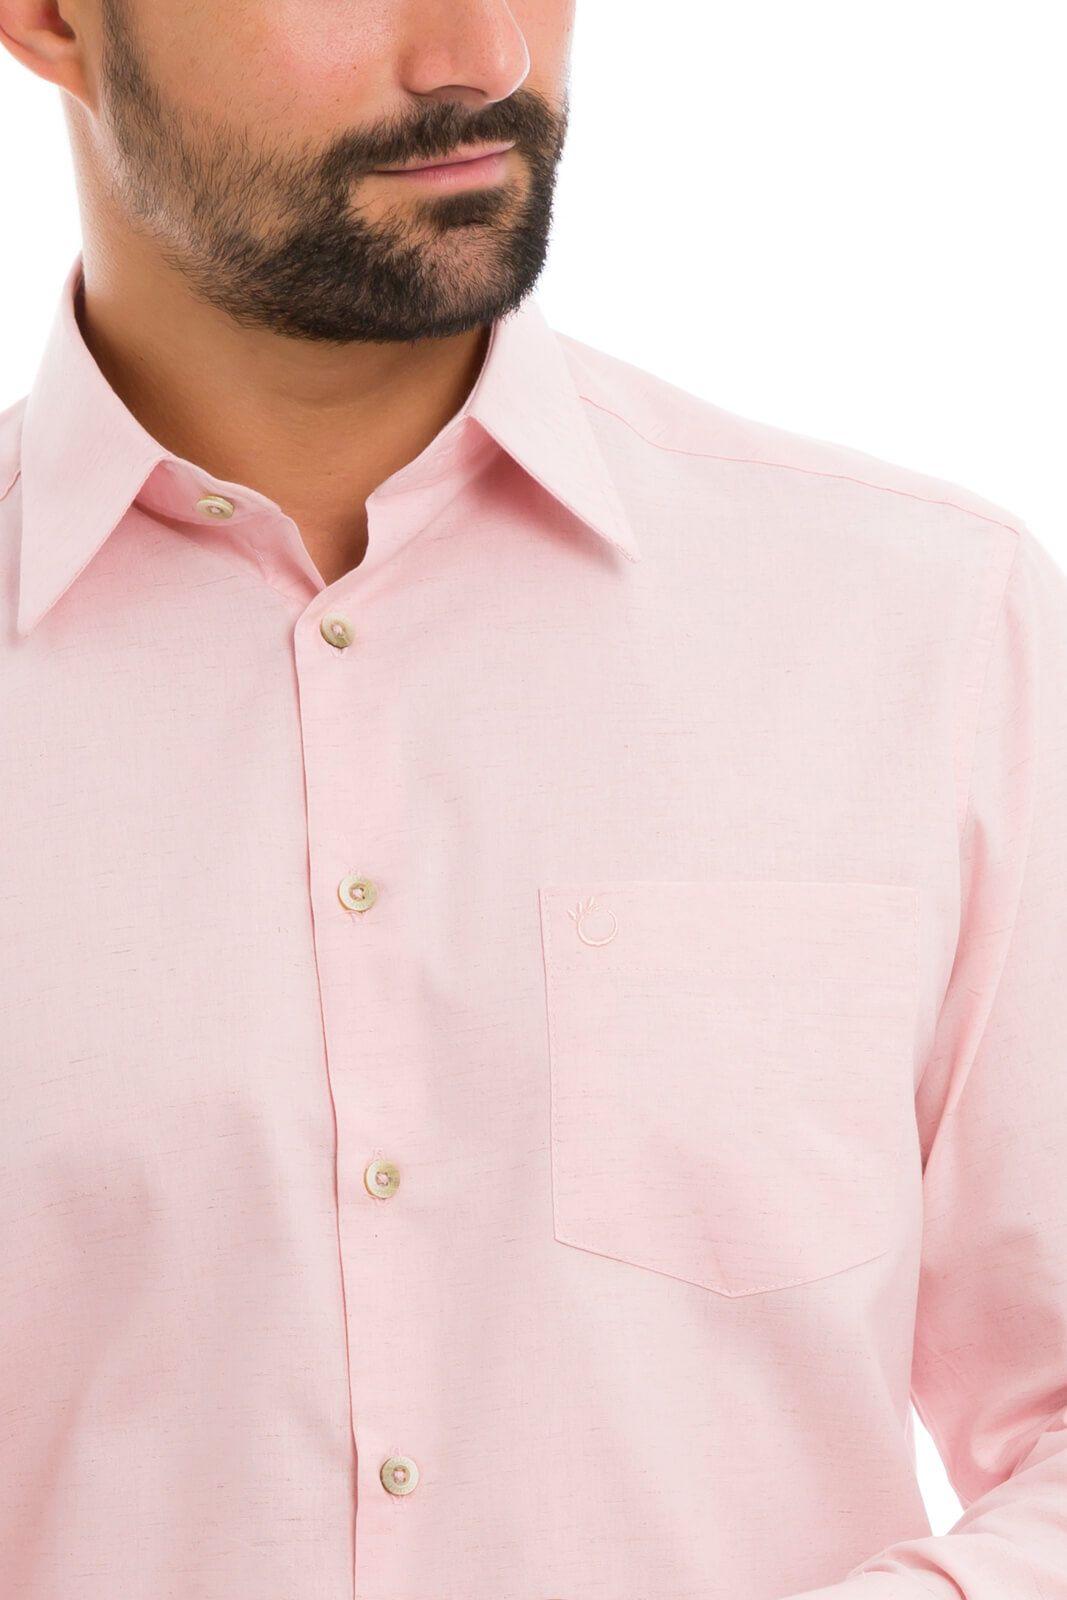 Camisa Social Masculina de Linho com Bolso Manga Longa